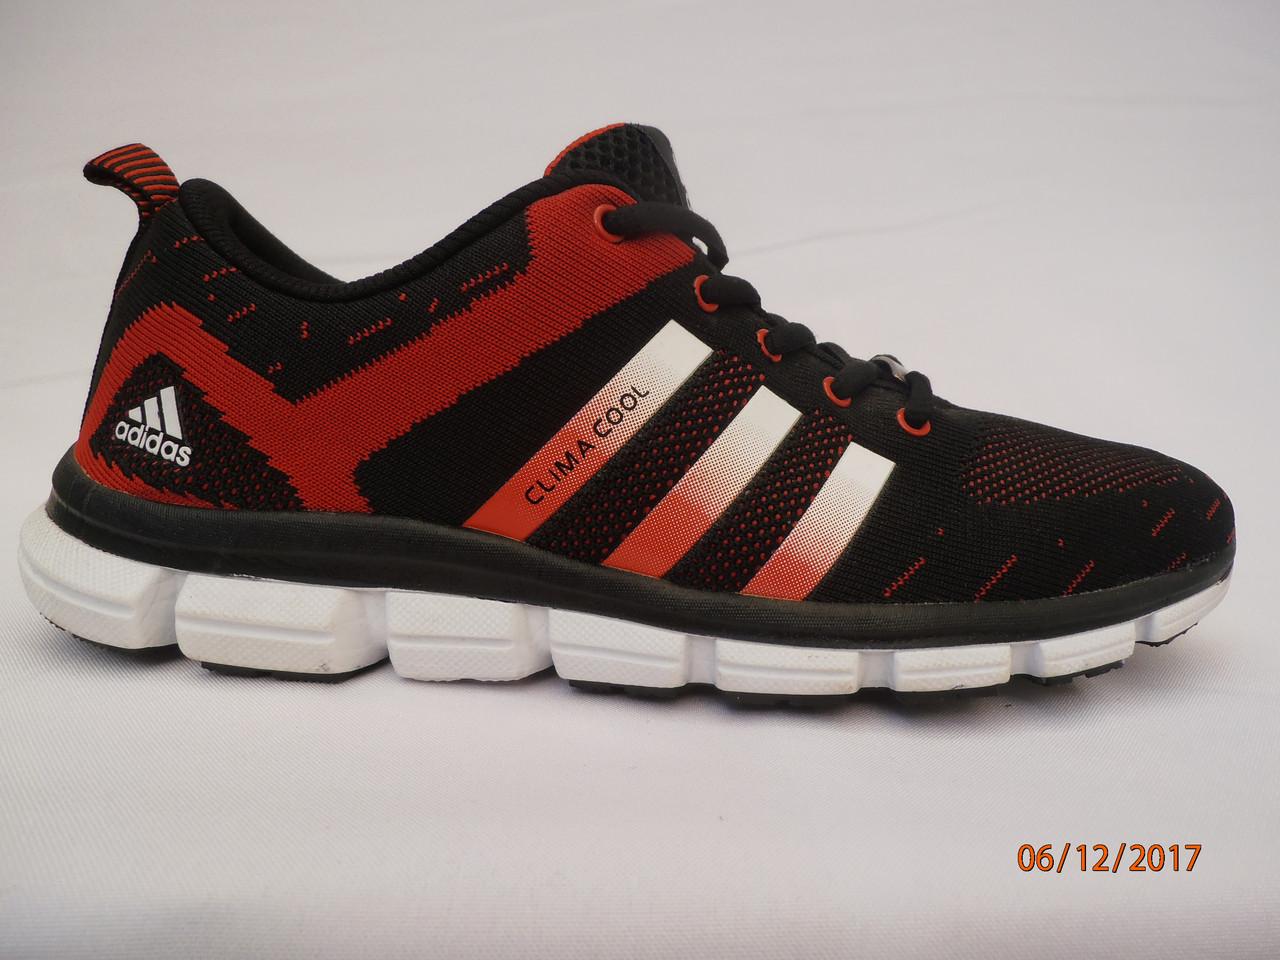 Мужские кроссовки Adidas Climacool 075-27 - Интернет-магазин «Rich_Shoes»  в Ровно